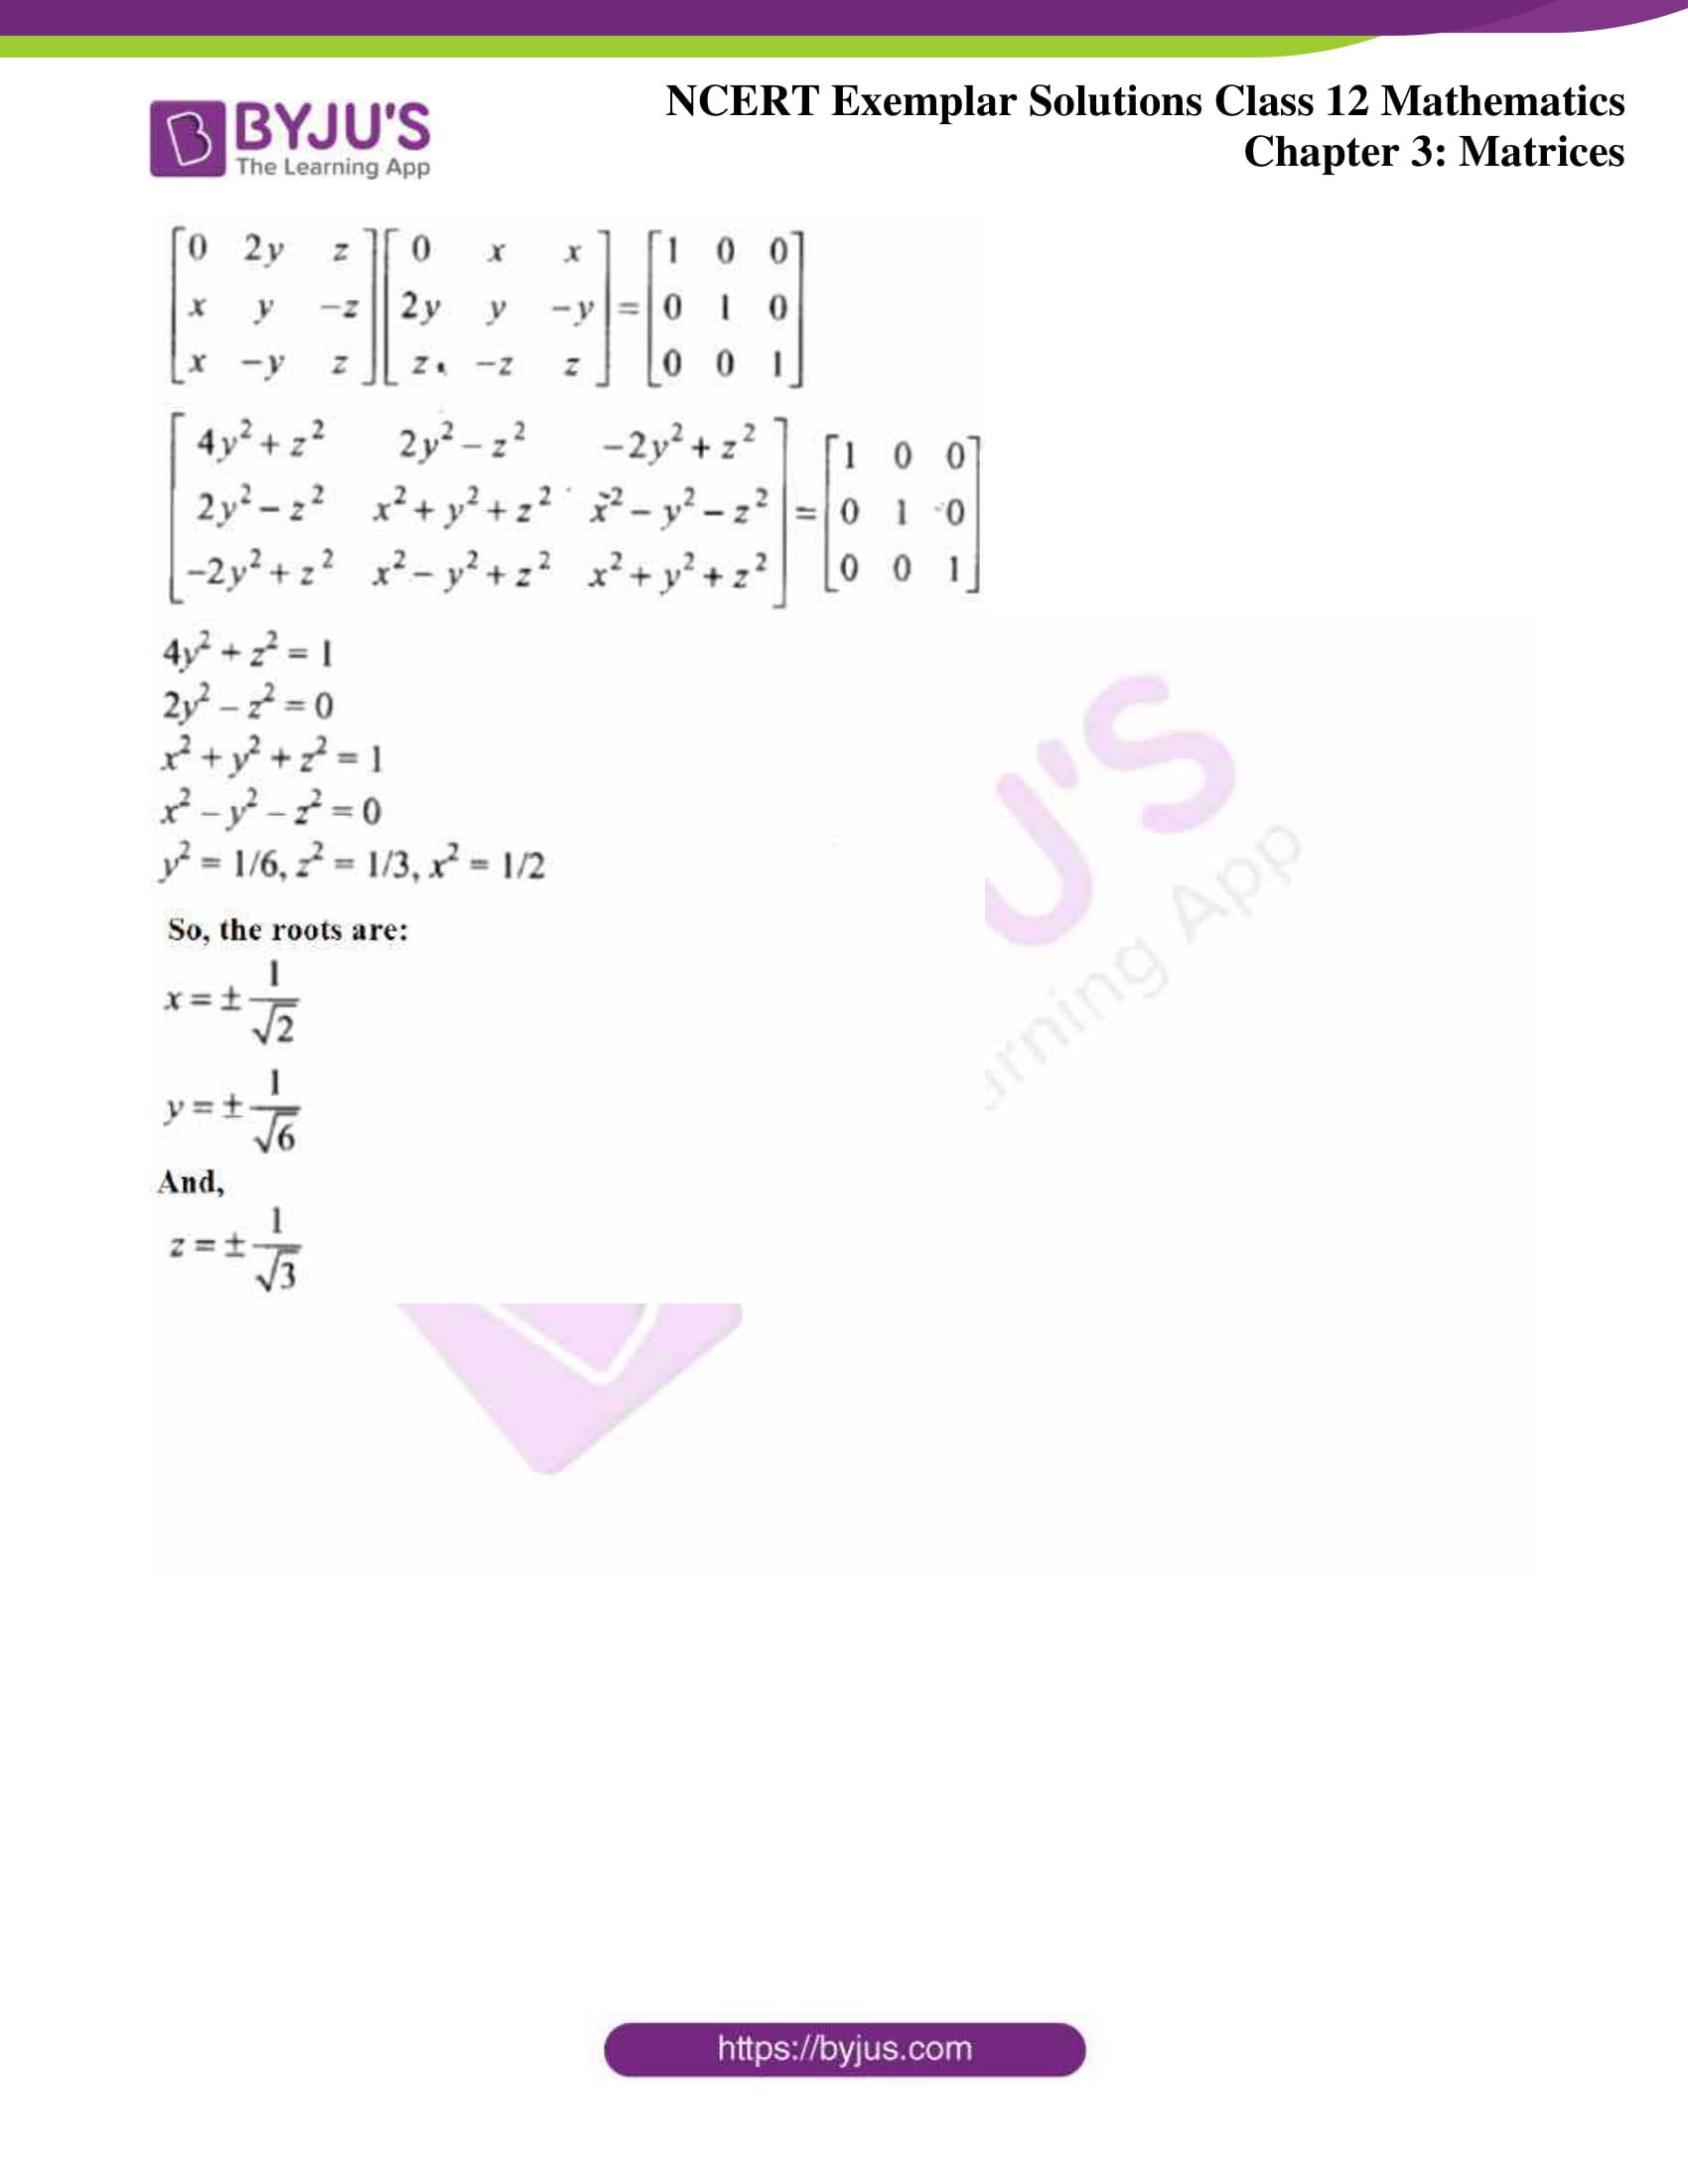 ncert exemplar sol class 12 math ch3 31